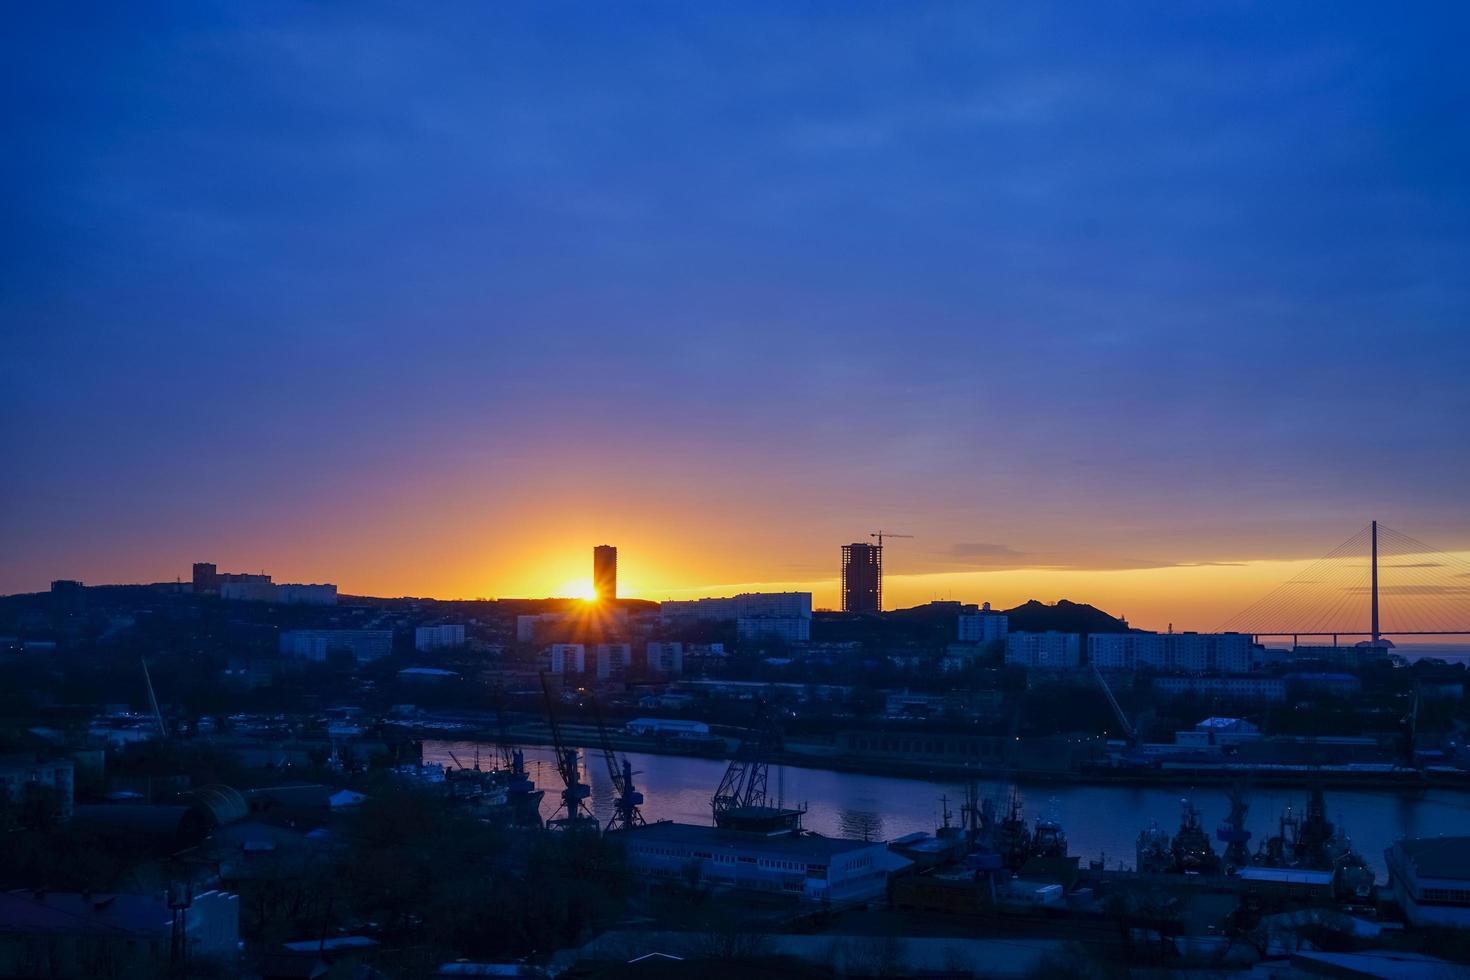 Stadtbild mit Sonnenaufgang in Wladiwostok, Russland foto